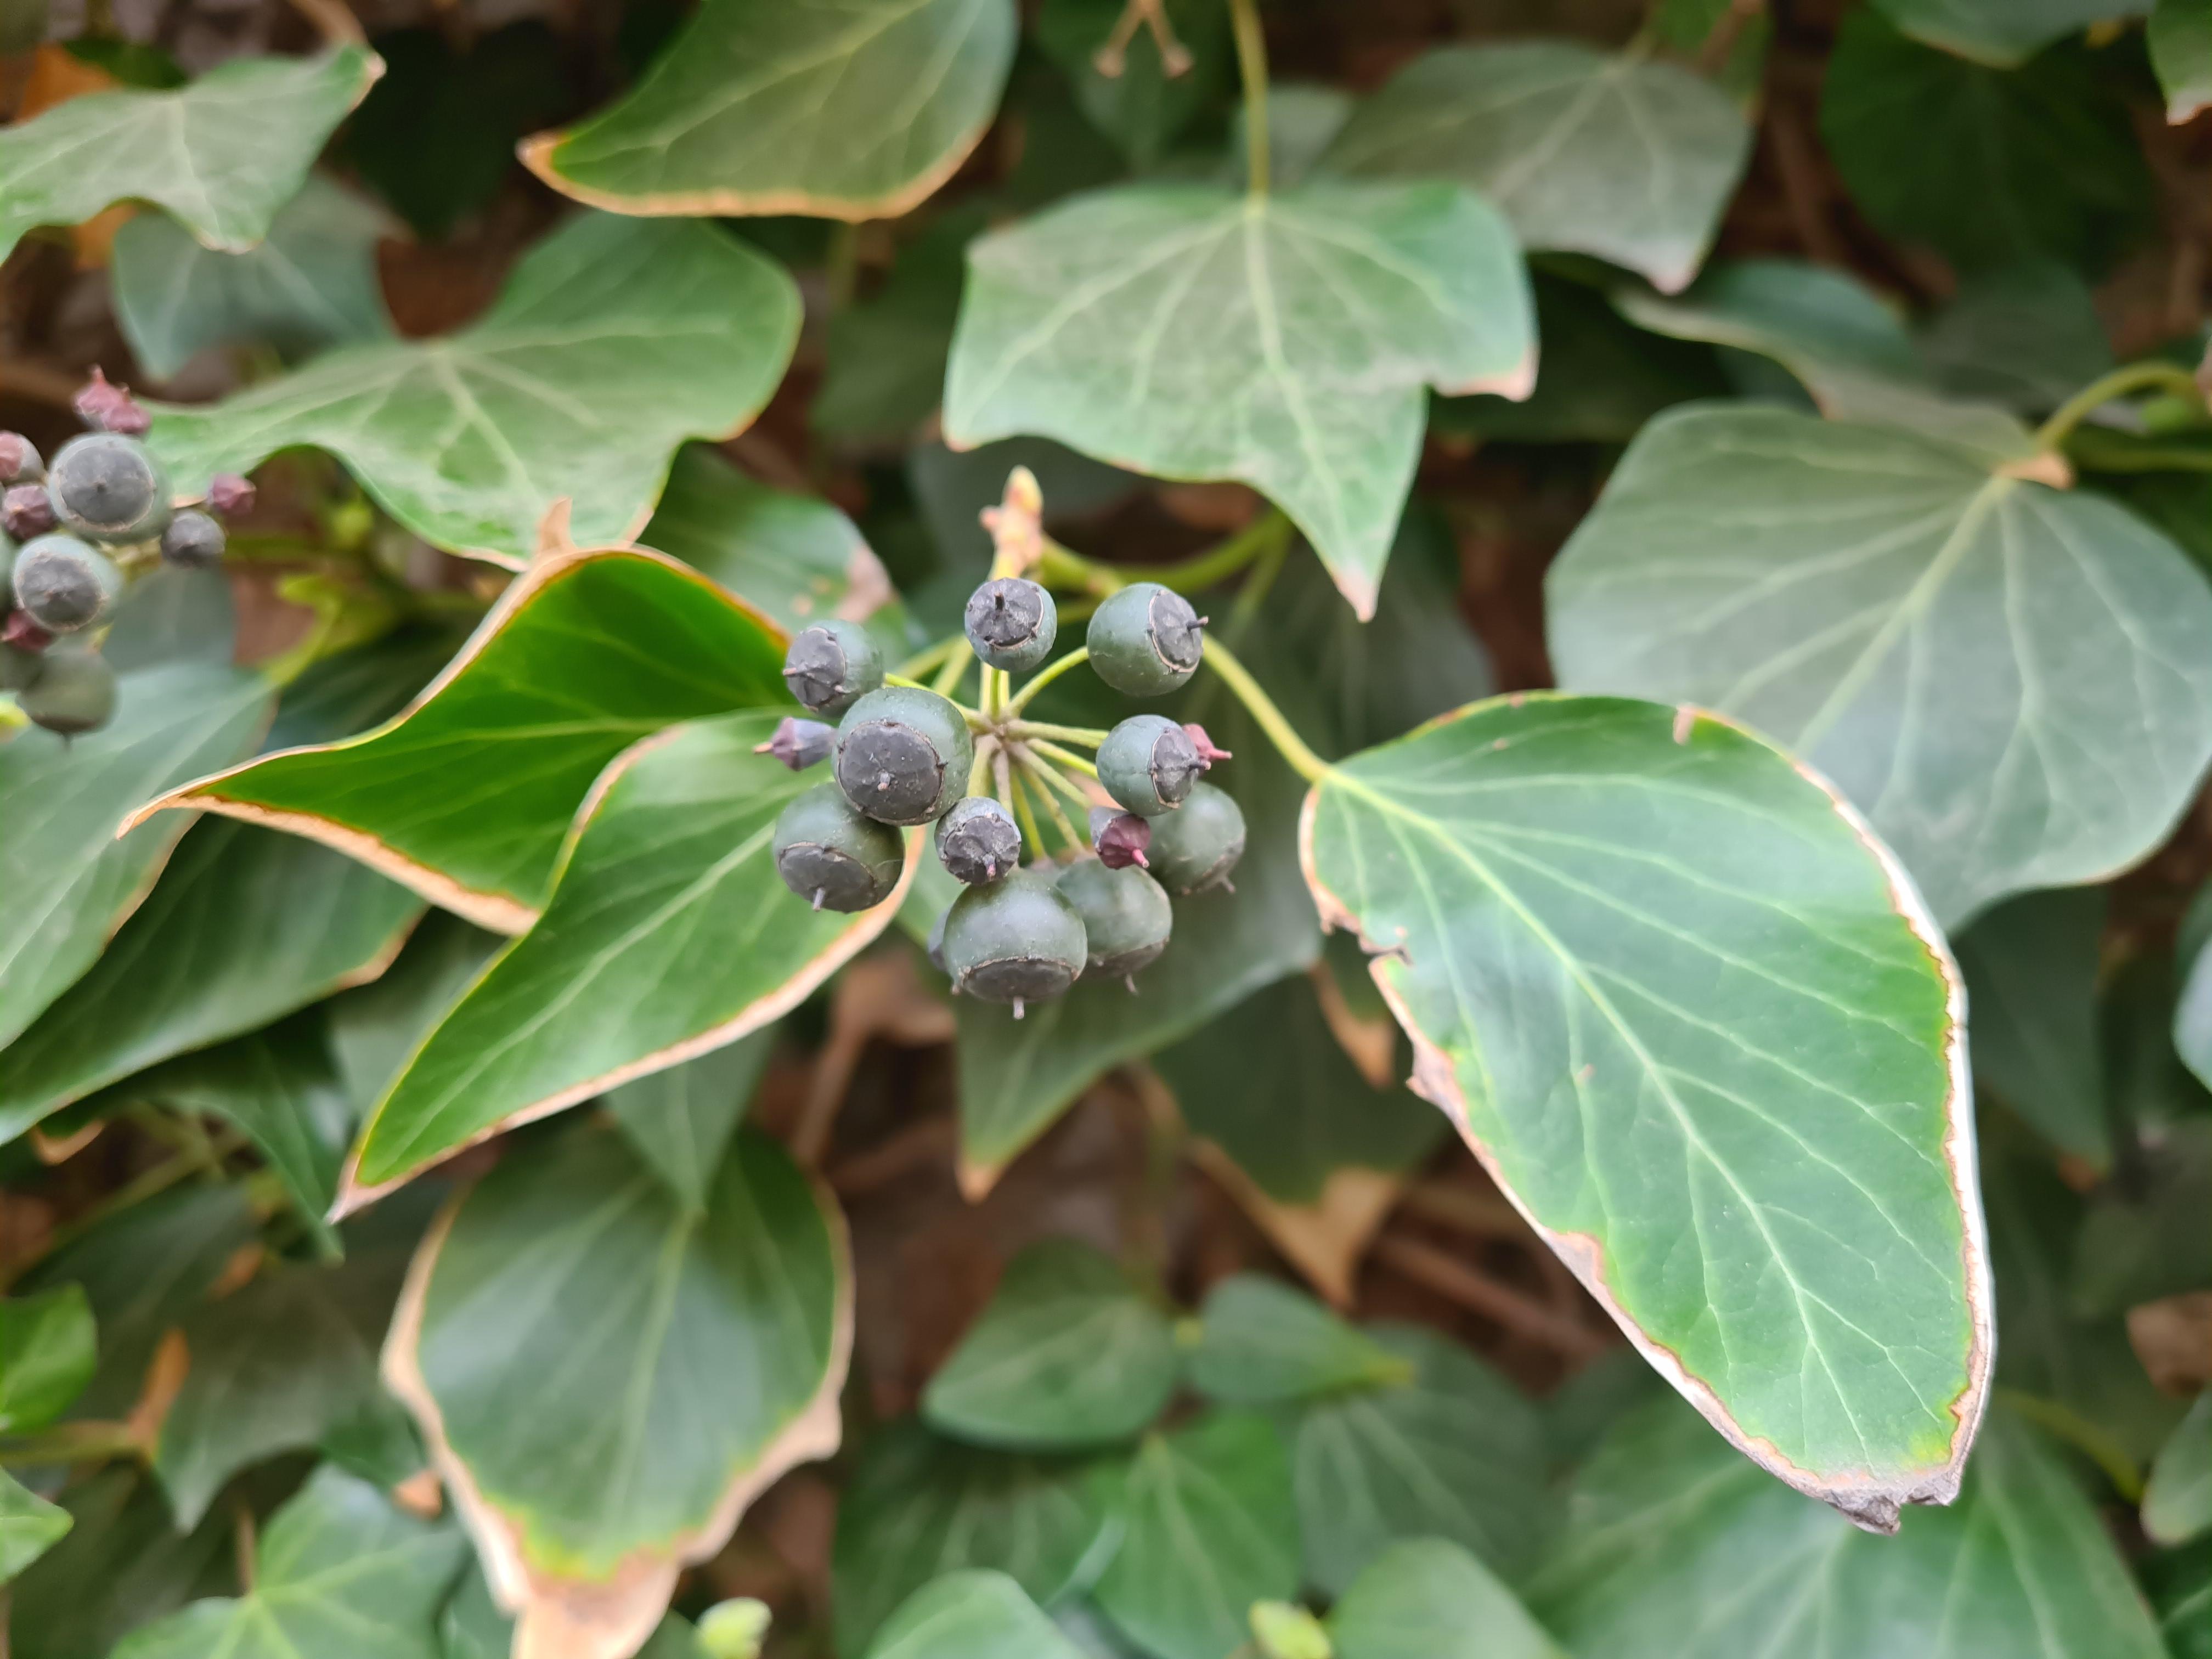 Eføy med tykke, vintergrønne blader og bær